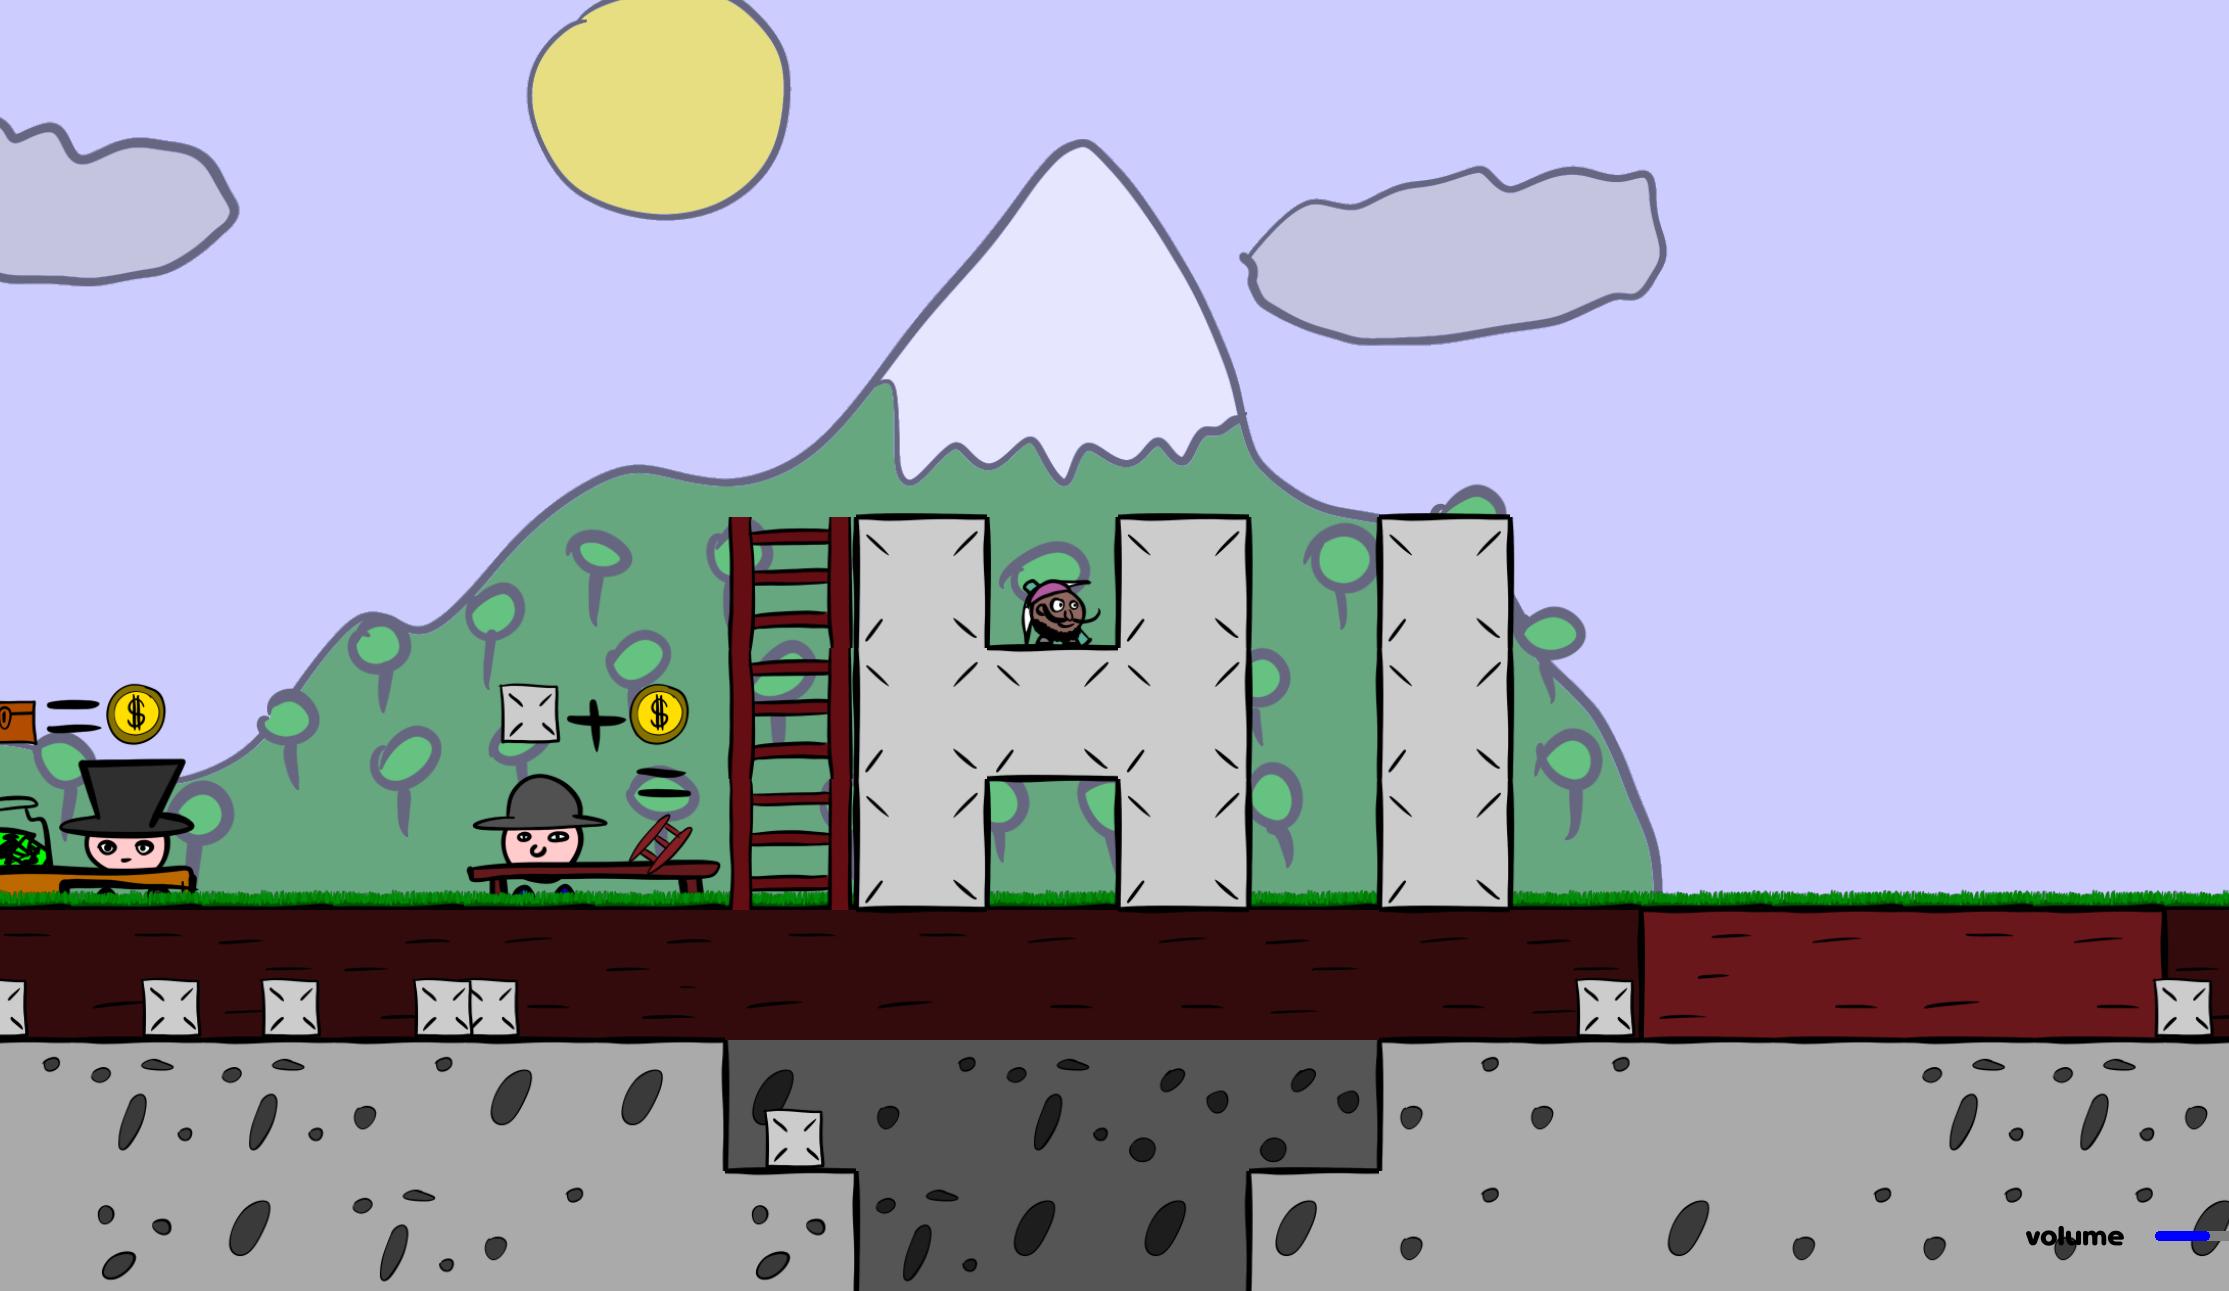 A screenshot of Dig World gameplay